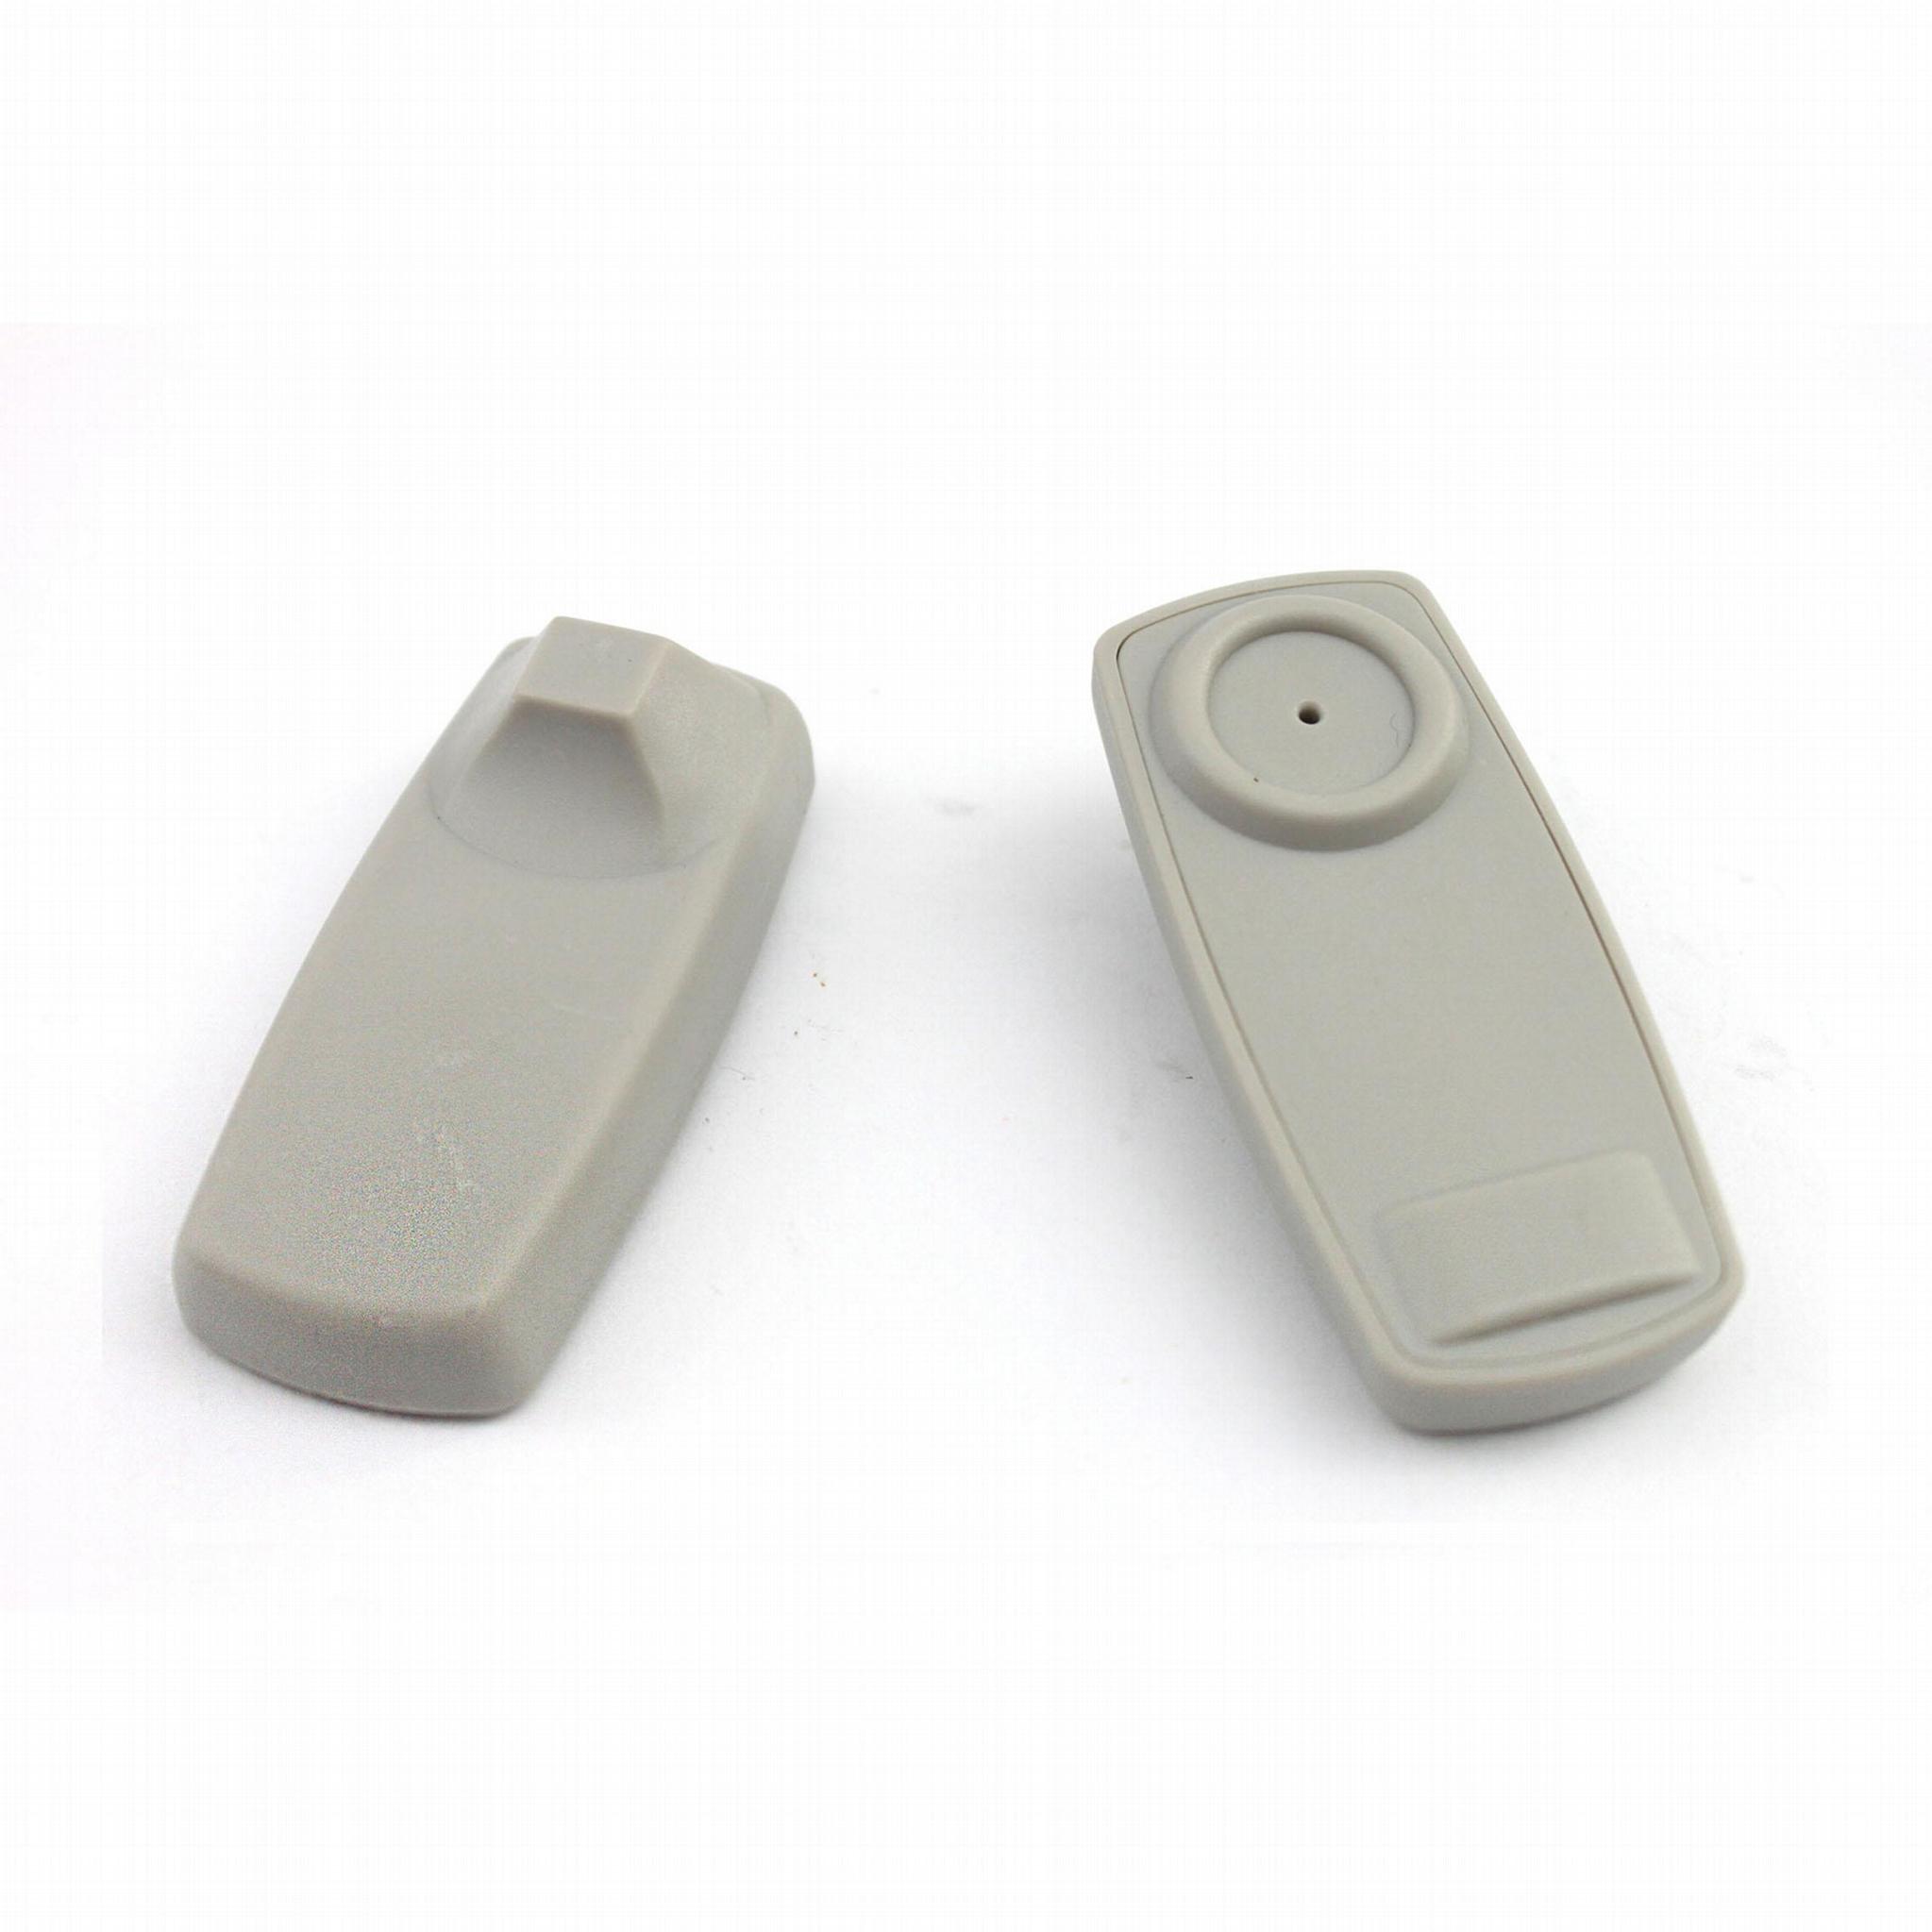 商场电子防盗硬标签 超市防盗扣 服装射频小方含钉 超市防盗标签 1